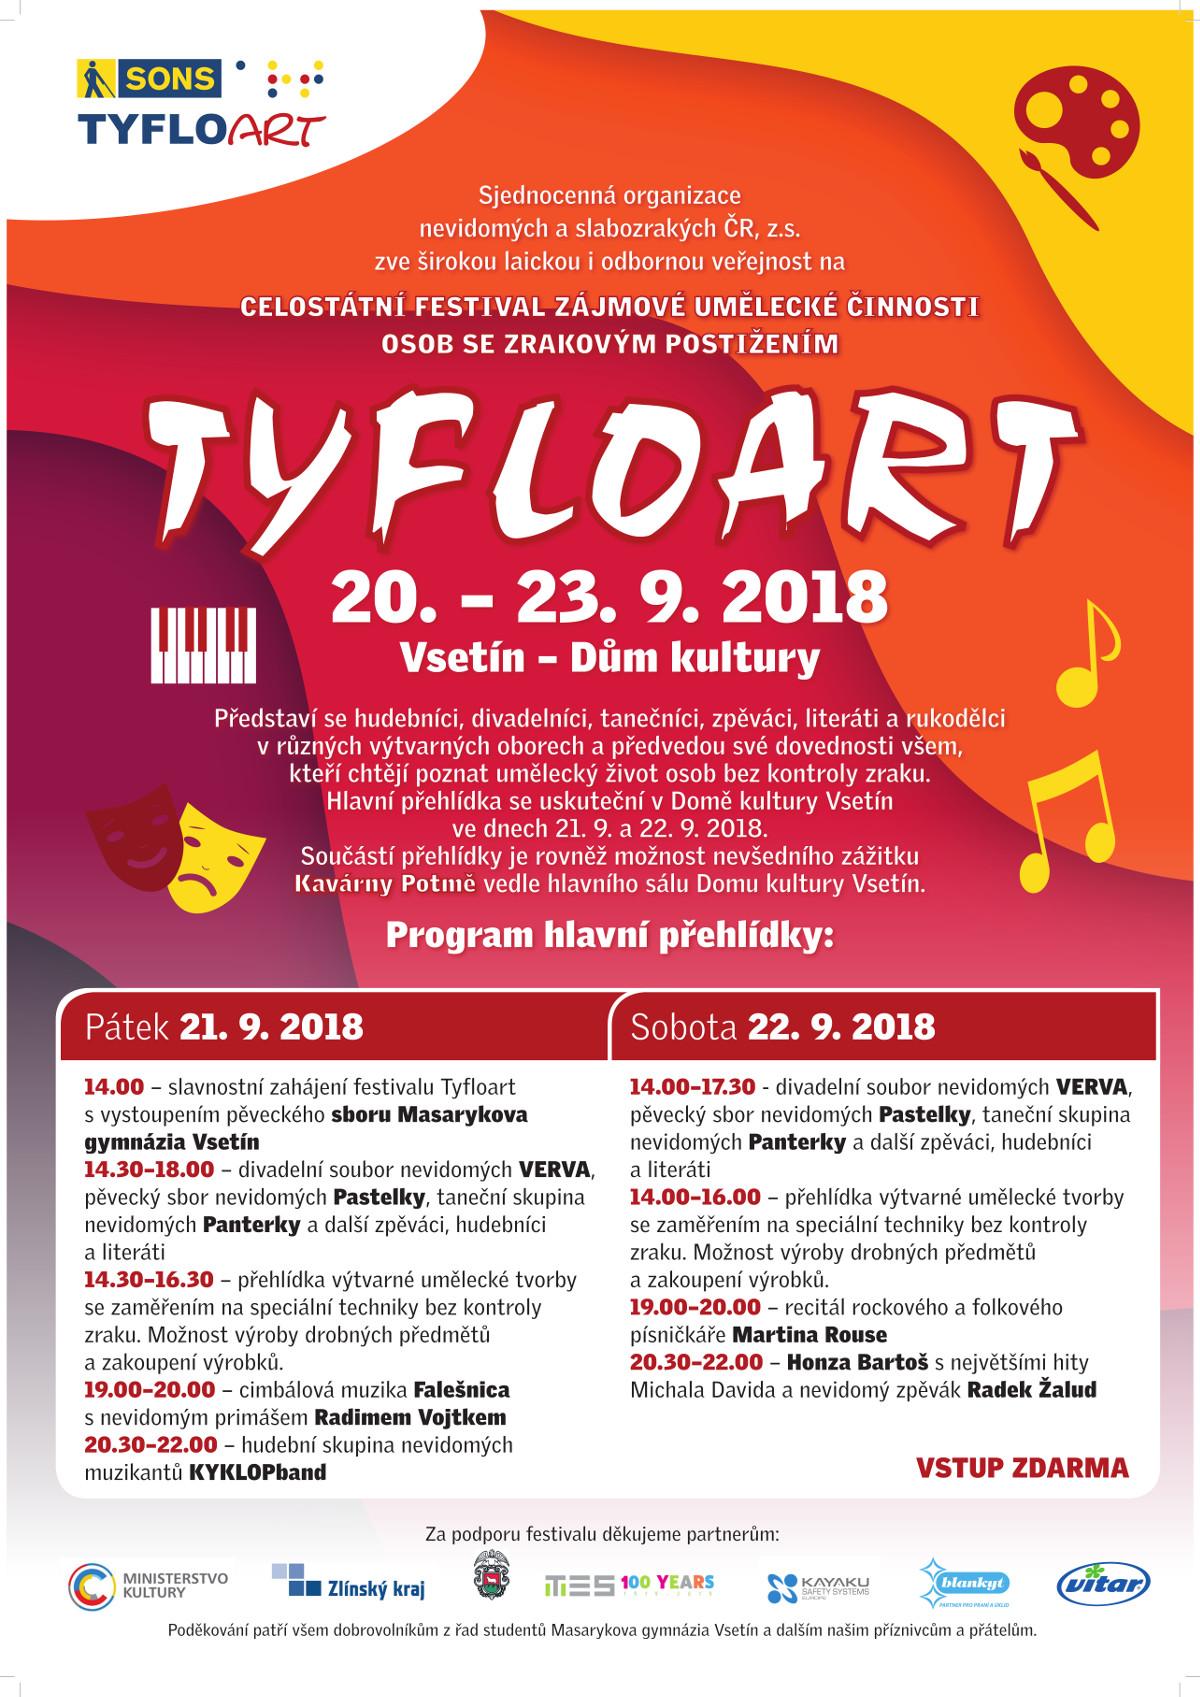 Část pozvánky na festival TyfloArt ve Vsetíně 2018